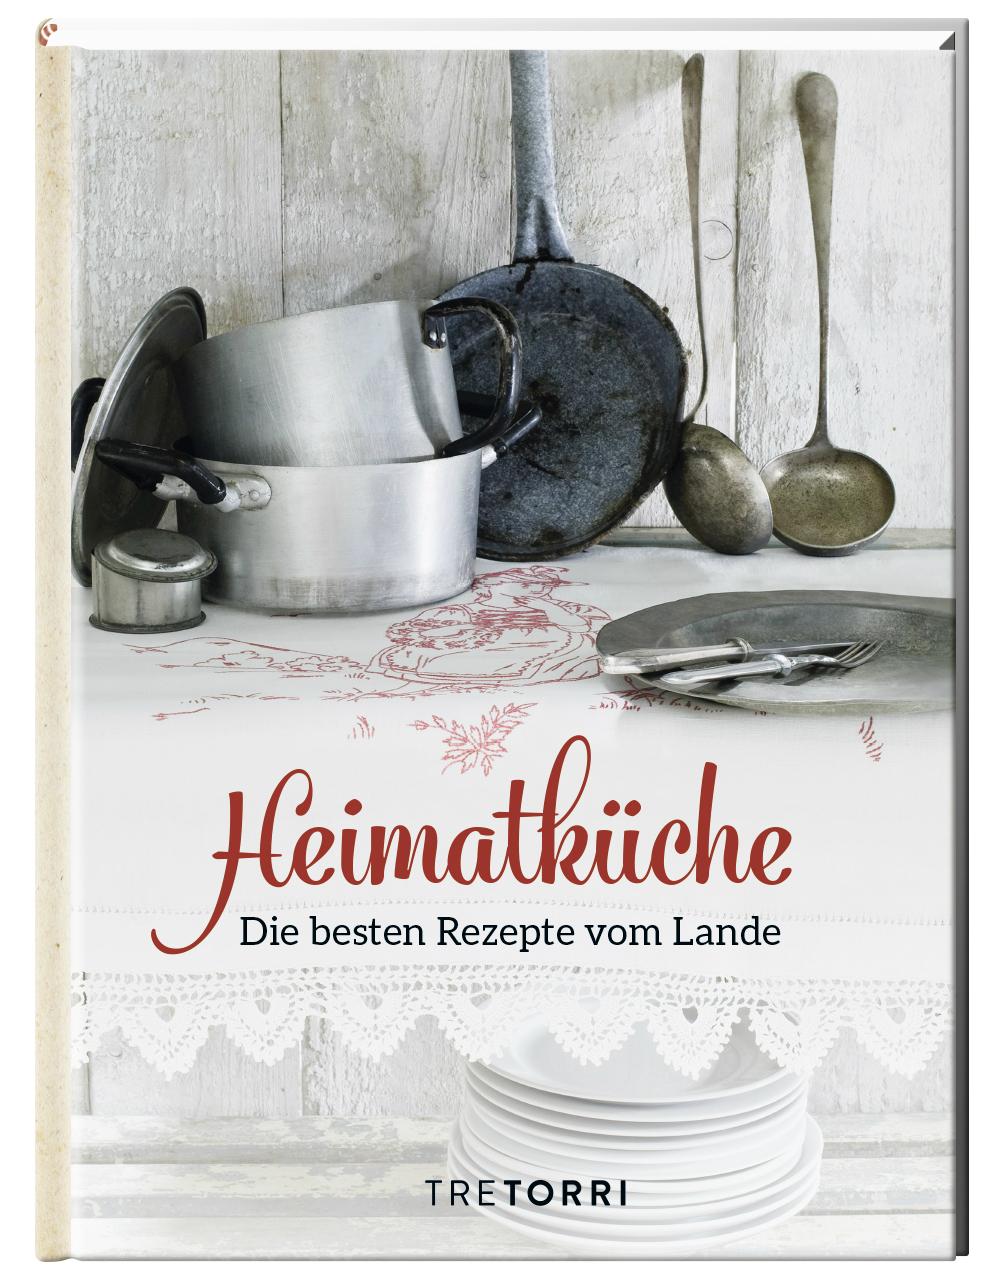 Heimatküche. Die besten Rezepte vom Lande von Ralf Frenzel (Hrsg.), Bildnachweis: KME GmbH für Tre Torri Verlag | Arthurs Tochter kocht. von Astrid Paul